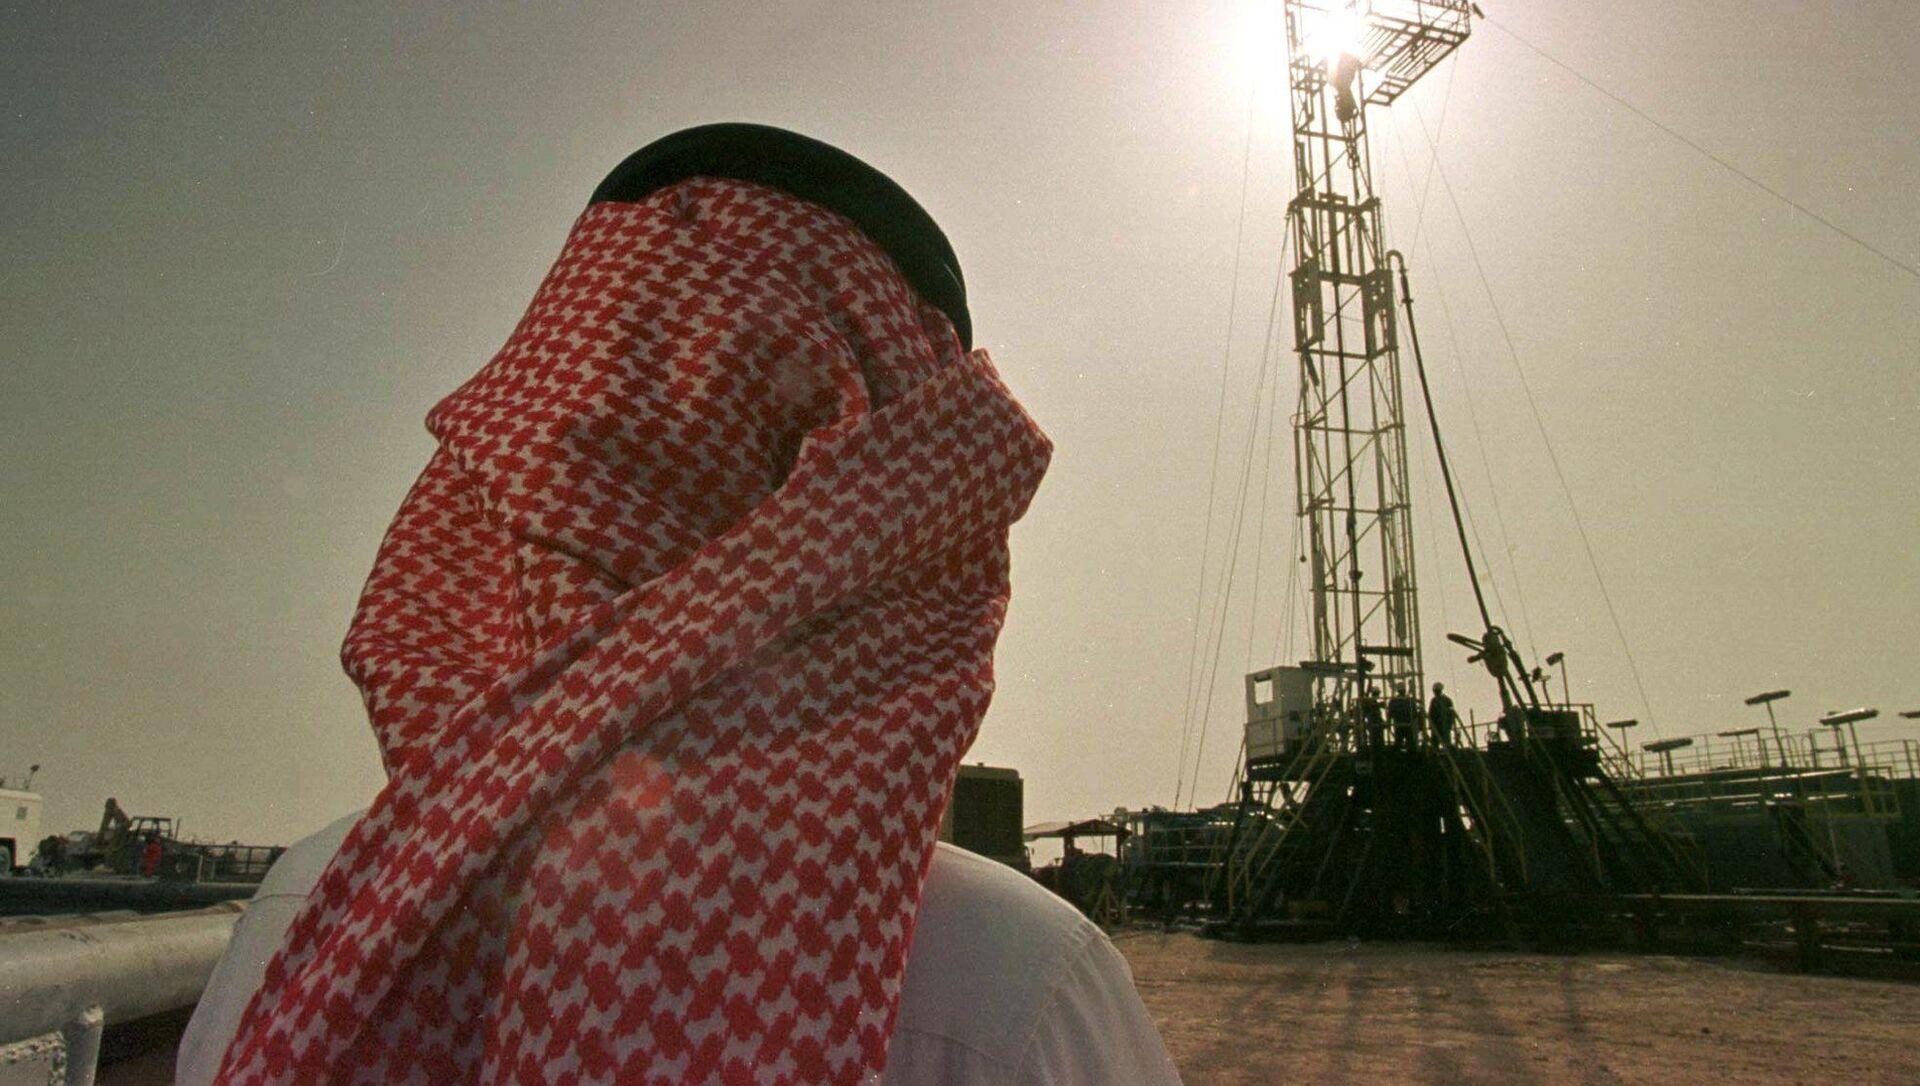 Cотрудник саудовской нефтяной компании Aramco на нефтяном месторождении Аль-Хаута, Саудовская Аравия - Sputnik Азербайджан, 1920, 21.06.2021